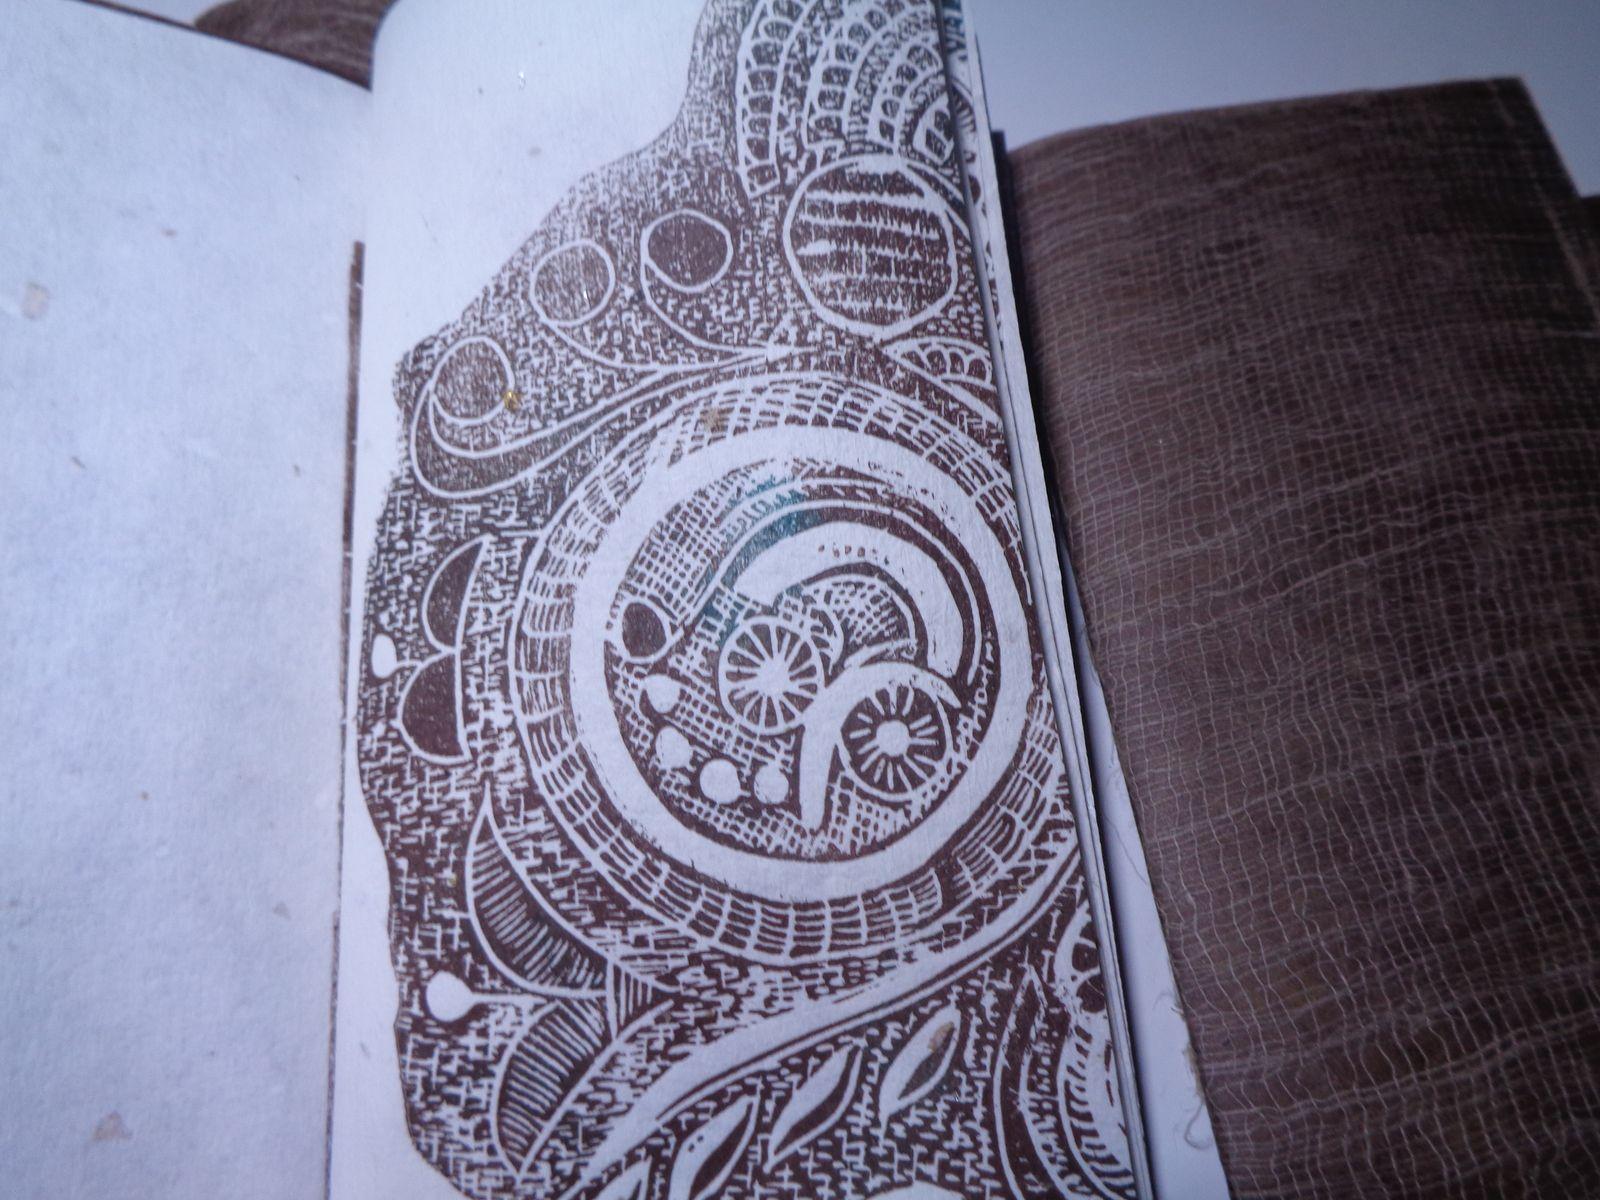 4 livres differents un sur les écritures , 2 sur les dentelles, 1 sur les oiseaux avec des monotypes